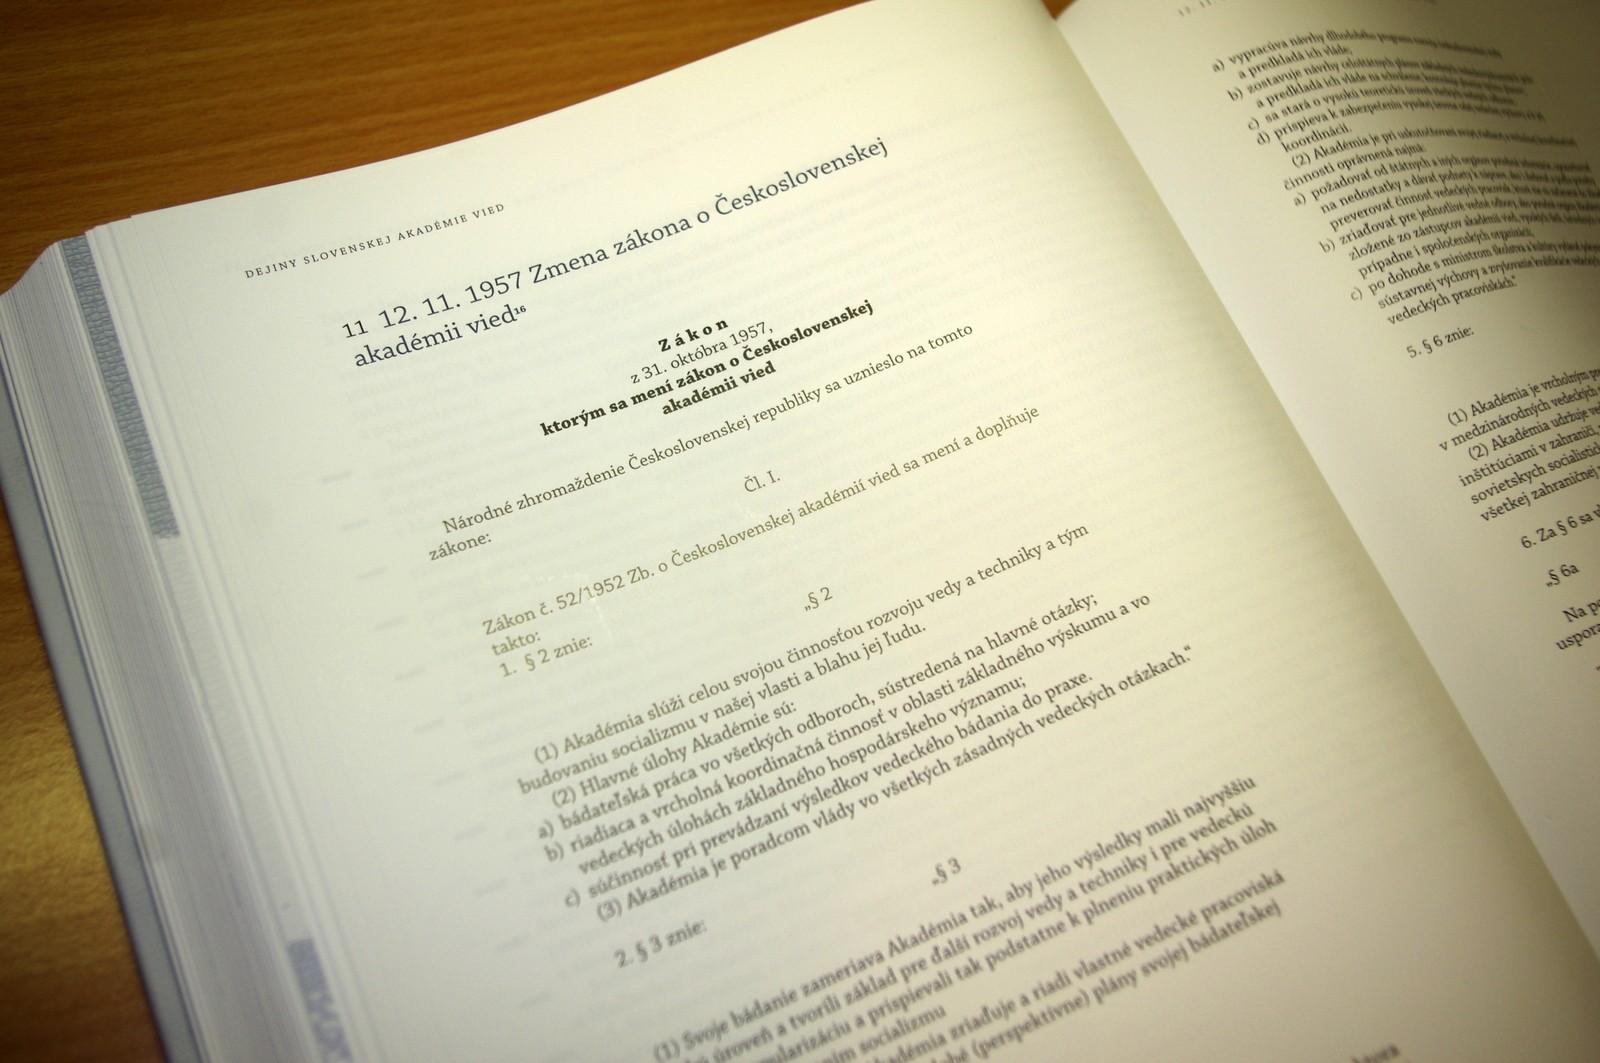 Bezmála sedmisetstránková kniha shromažďuje i dokumenty, které k historii instituce neodmyslitelně patří